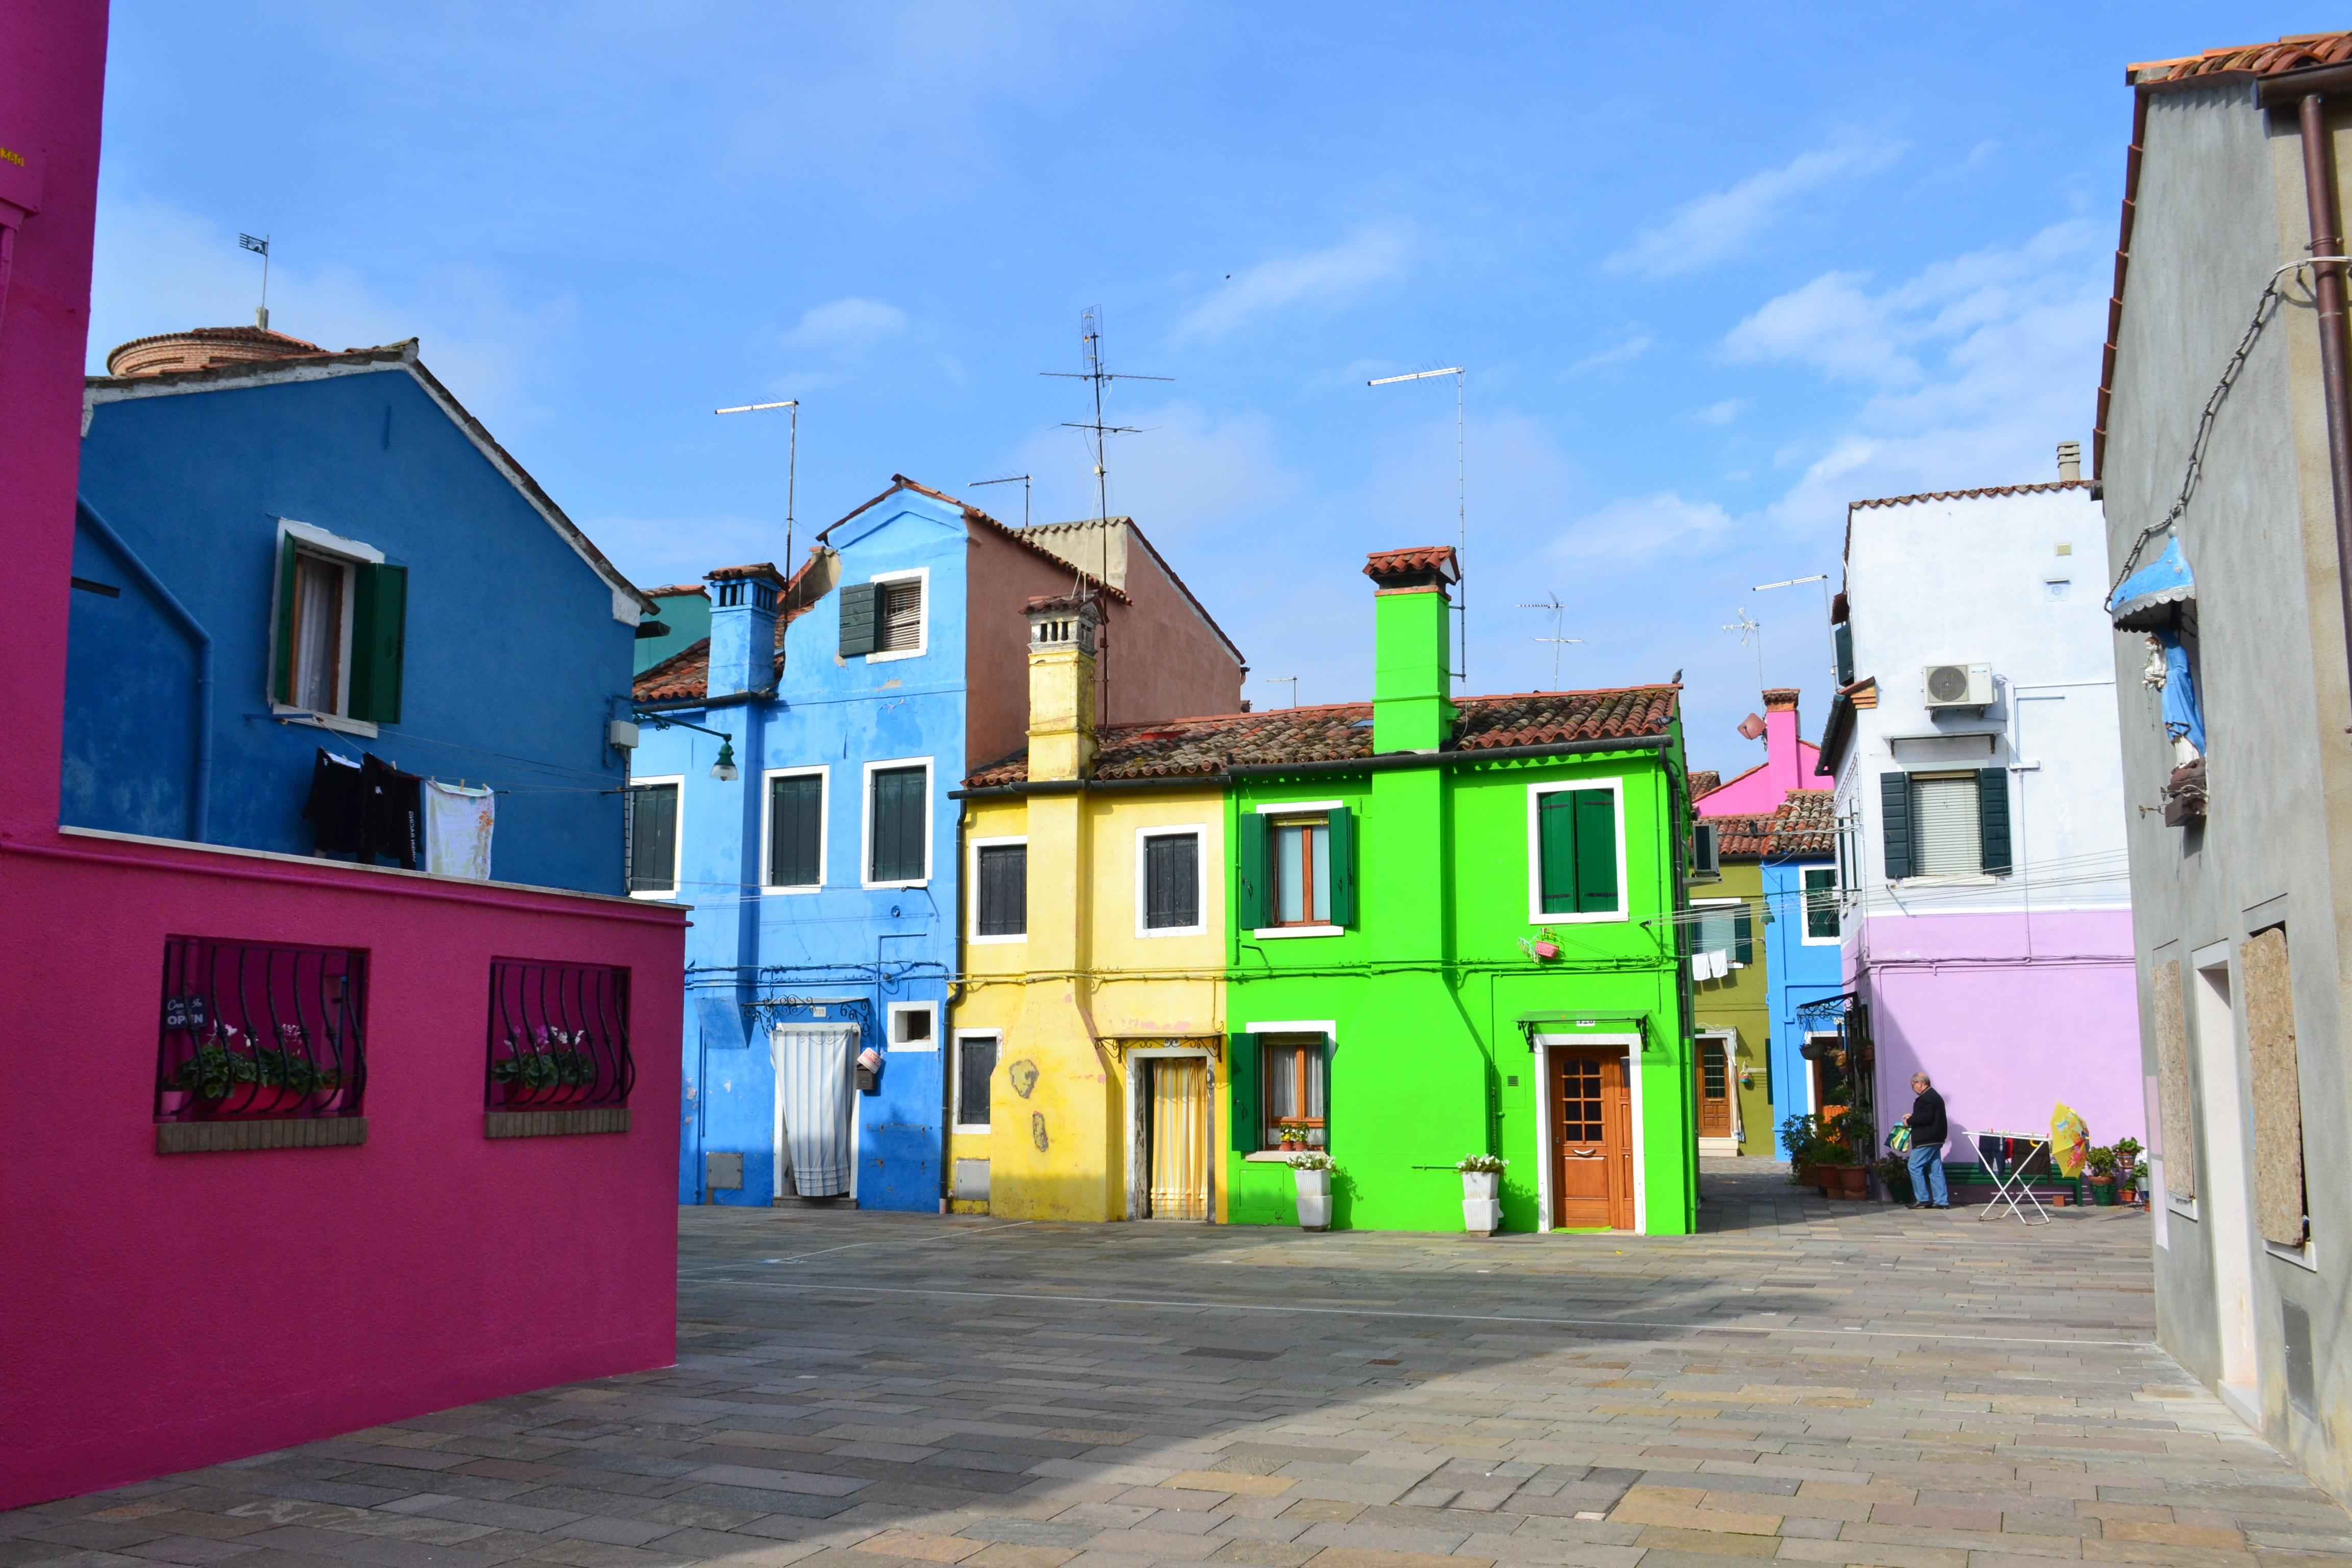 Facades De Maisons En Couleurs images gratuites : route, rue, maison, ville, couleur